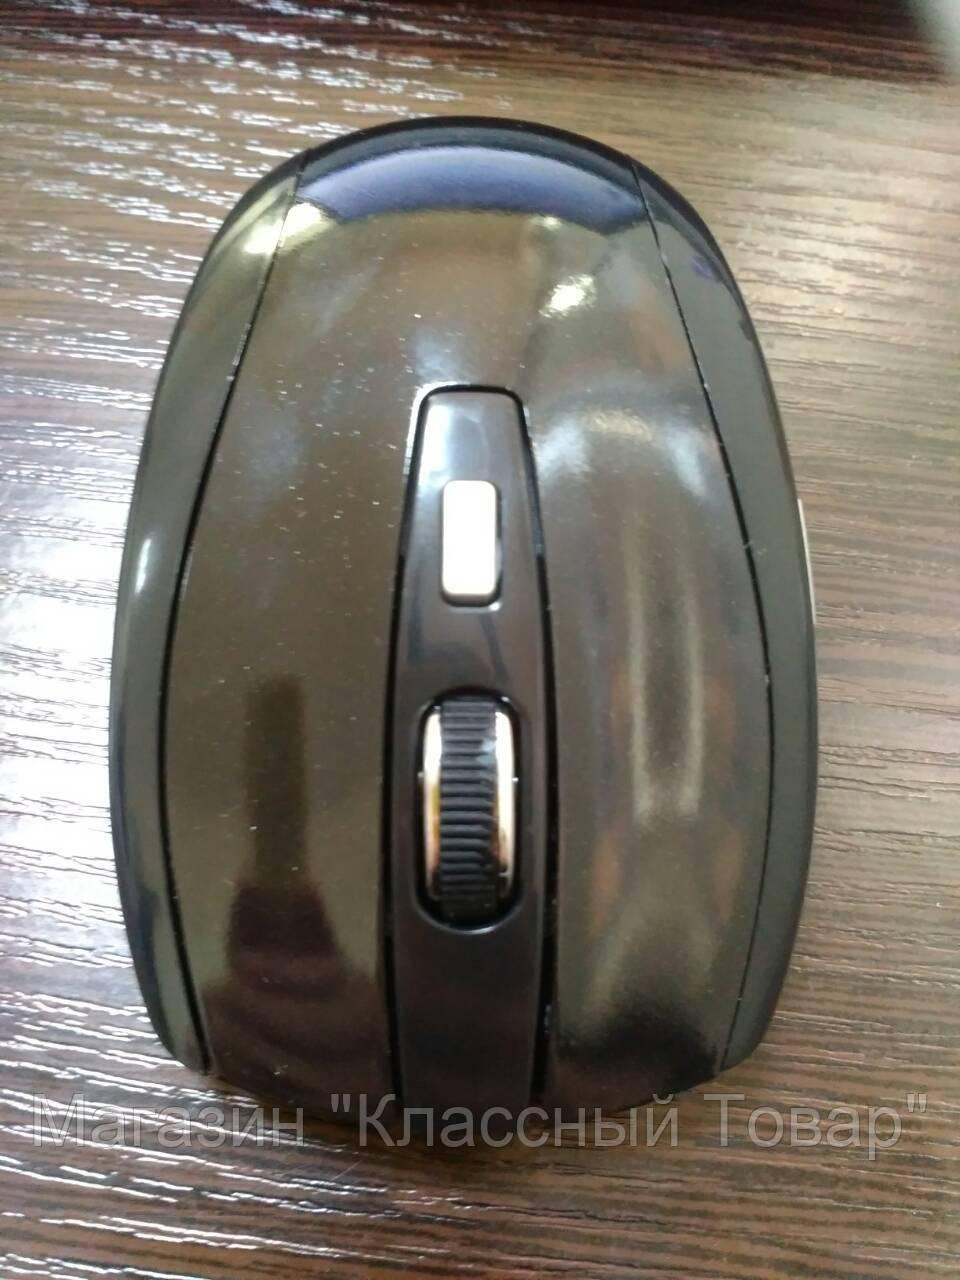 Мышка Безпроводная 113 H0264,Для настольного ПК,Мышка для компьютера!Лучший подарок